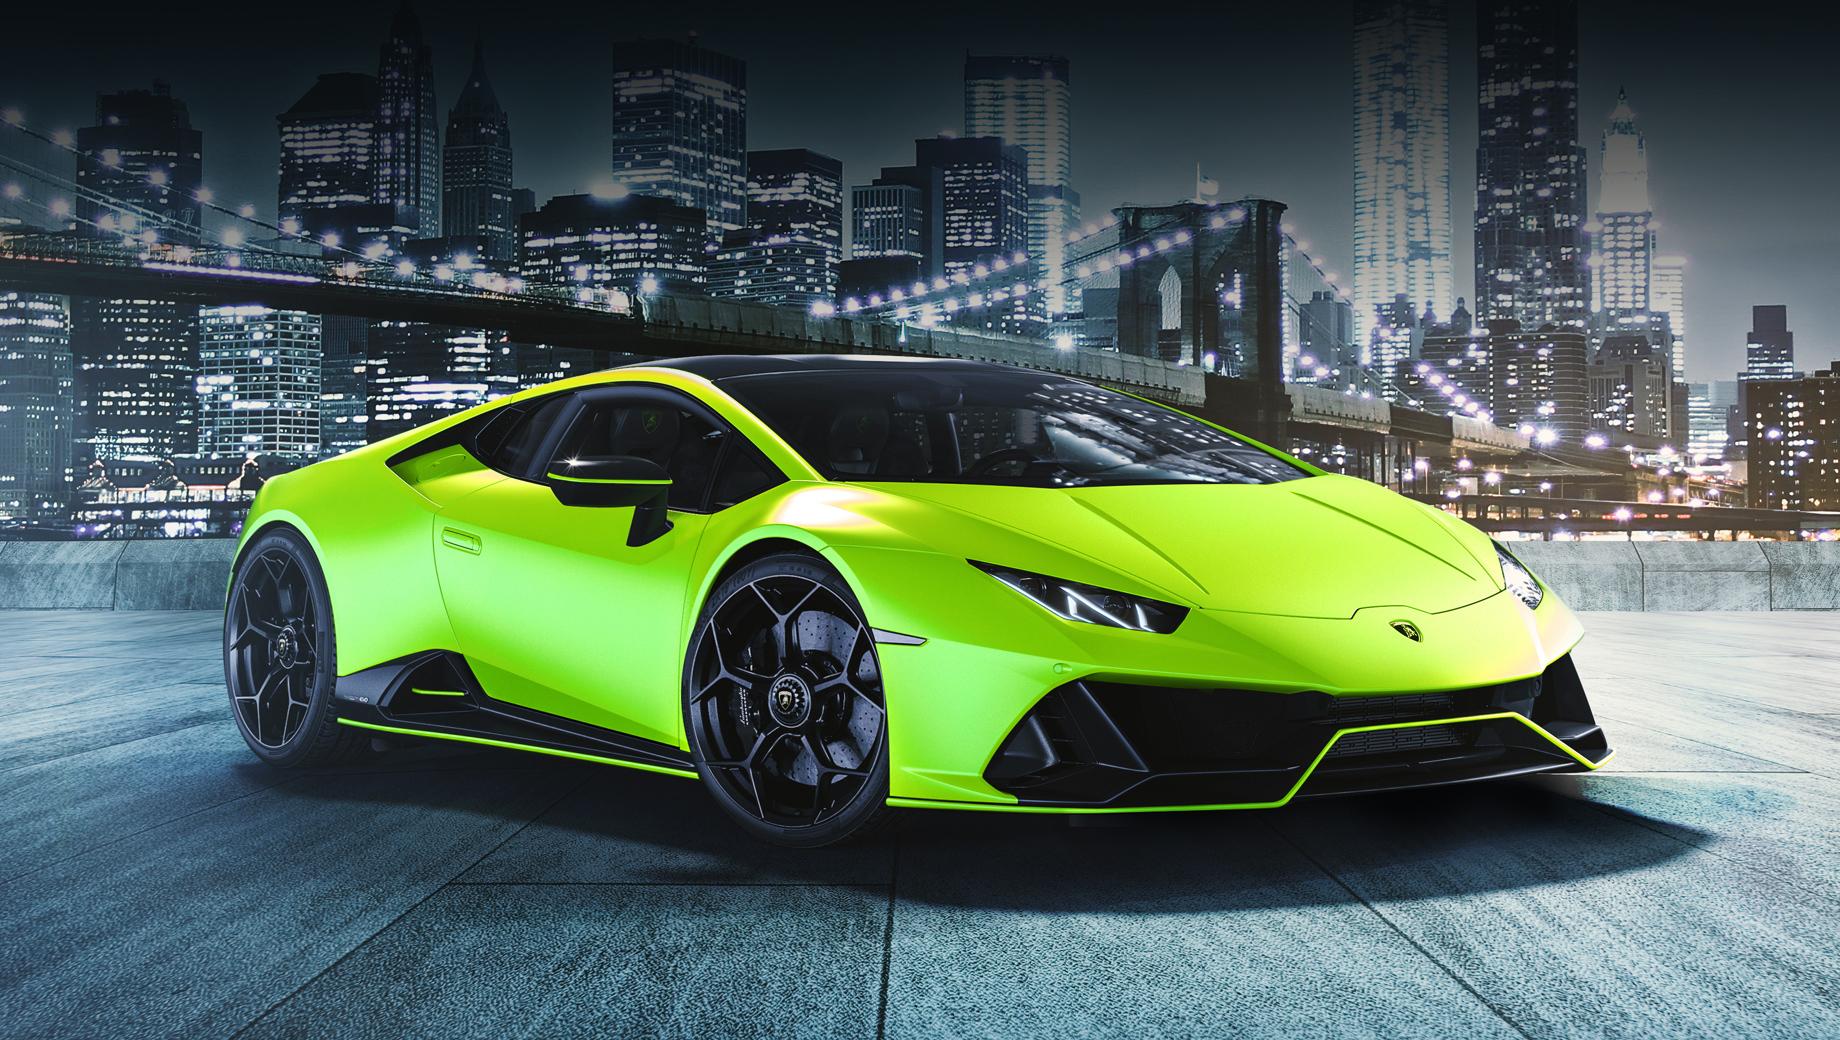 Lamborghini huracan,Lamborghini huracan evo. Авторы новой серии считают её «произведением стрит-арта». Это ещё одна сторона столь любимой и заботливо взращиваемой маркой персонализации.